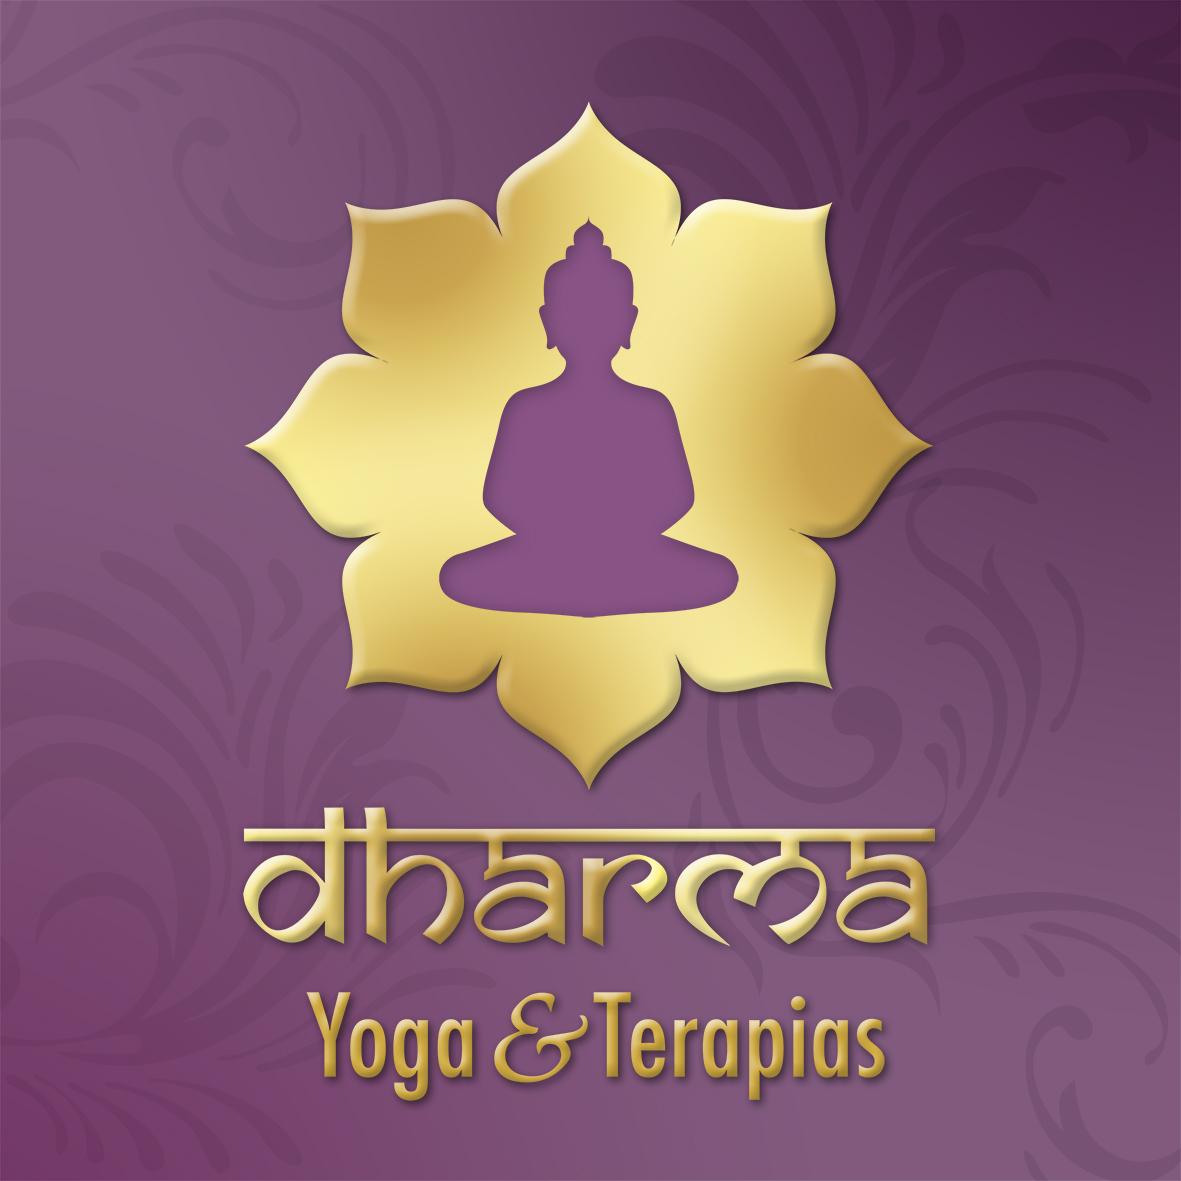 Leve o Yoga para sua Vida!